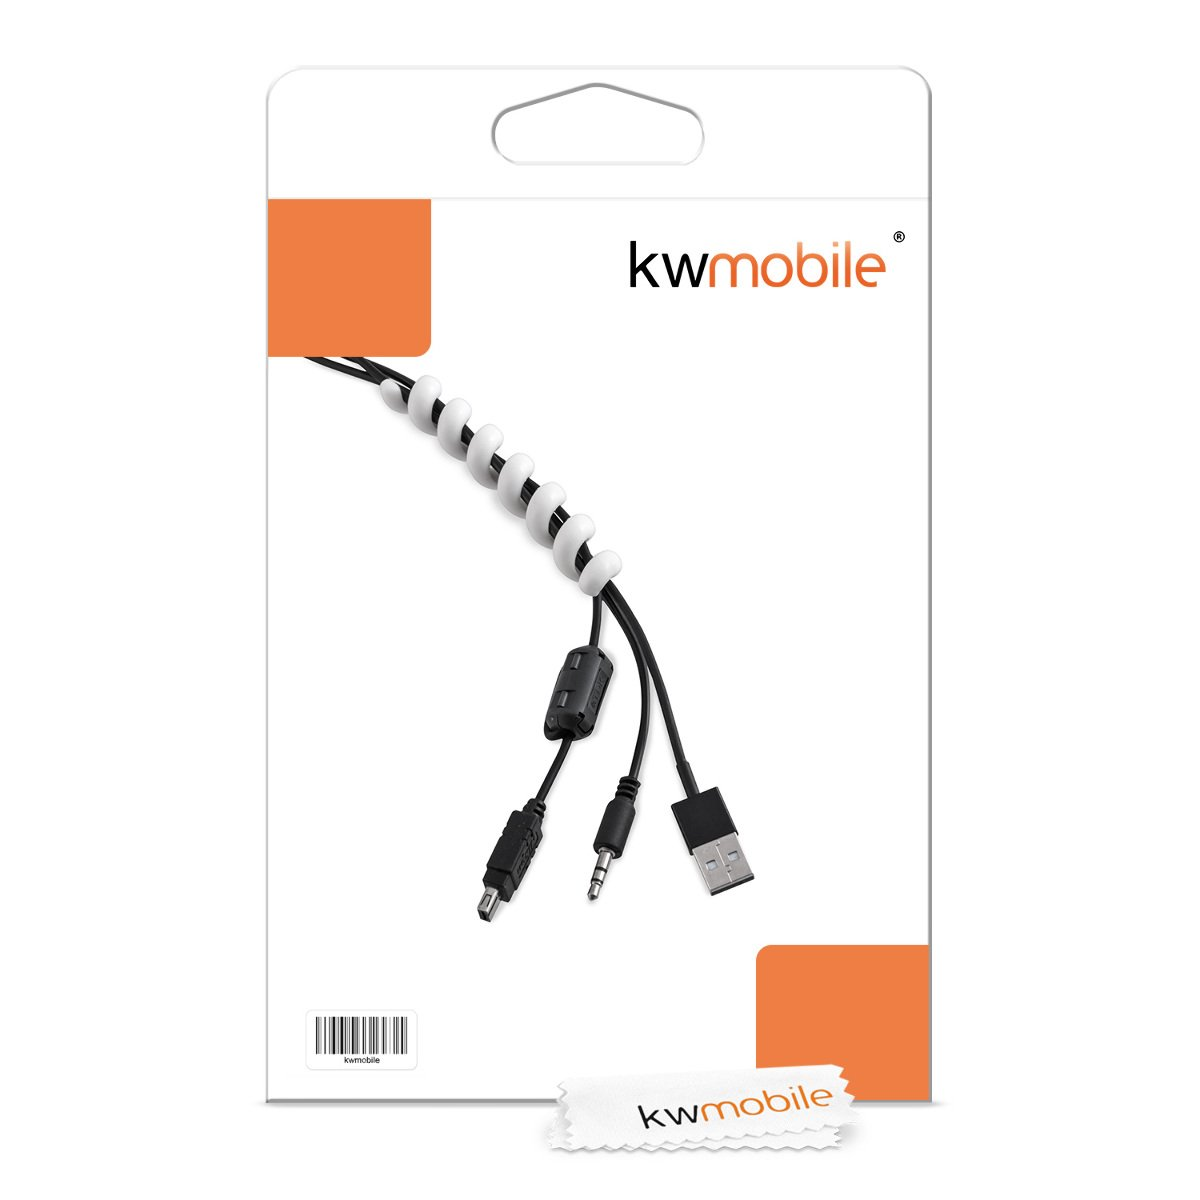 Stromkabel USB-Kabel TV PC Kabelkanal f/ür z.B Kabelschlauch 15x100mm in Wei/ß Durchmesser 10mm kwmobile 2in1 Set Kabelspirale Durchf/ührung